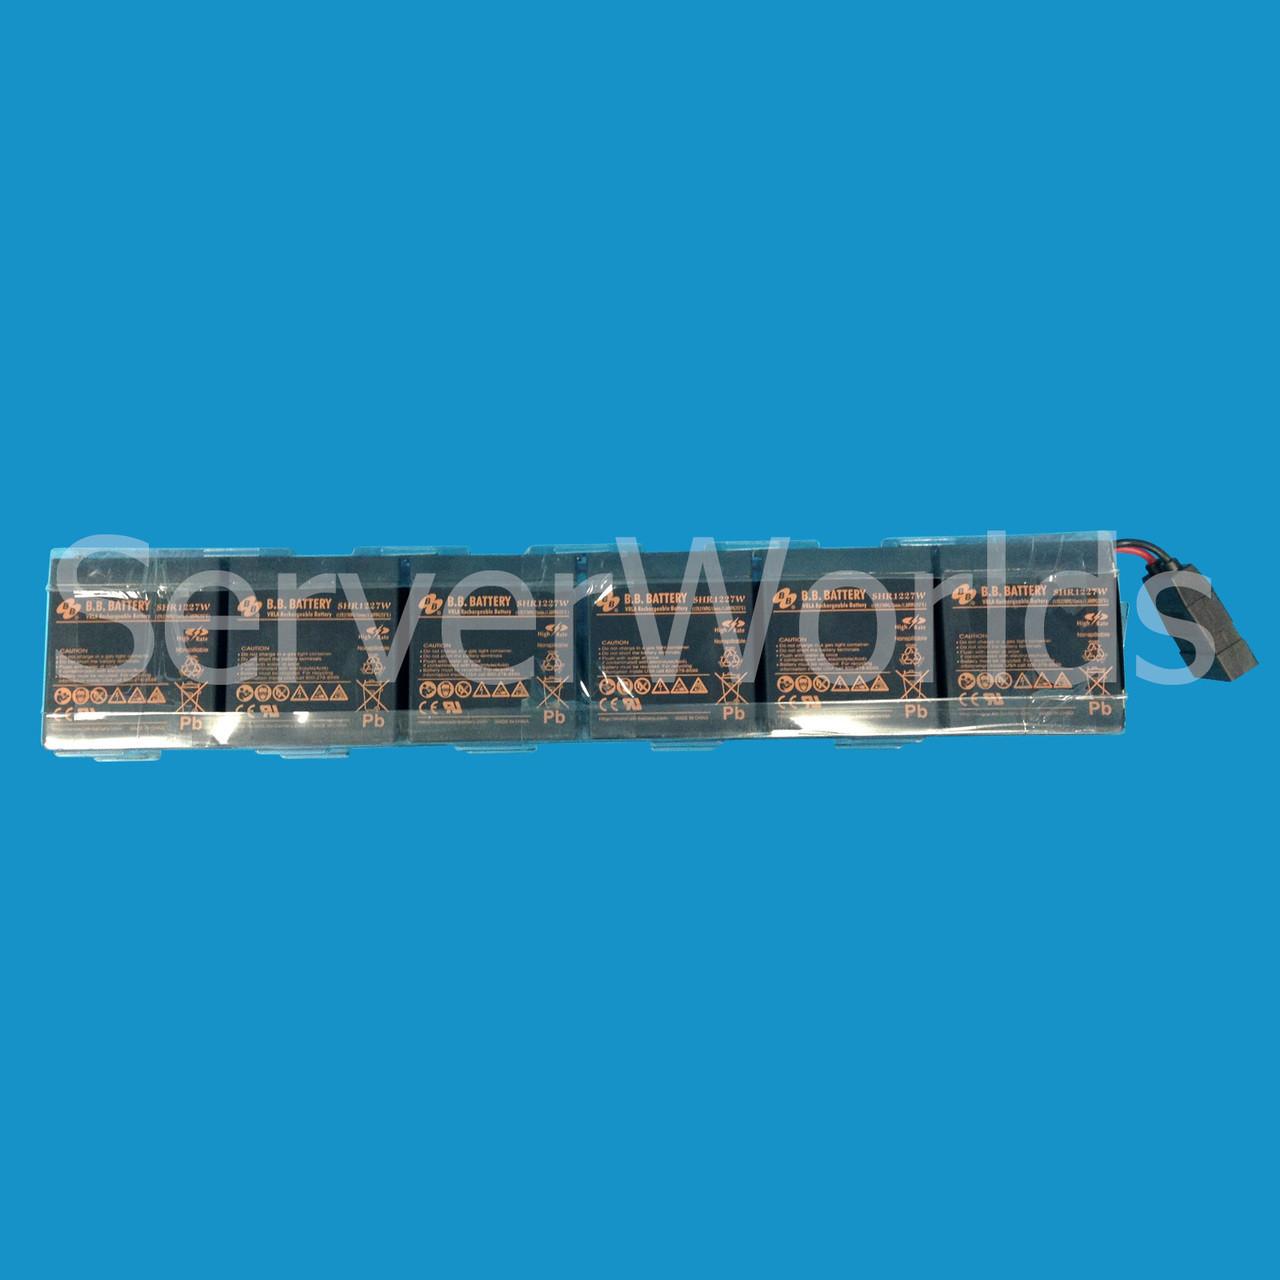 HP 638829-001 | UPS R5000 Battery Pack - Serverworlds